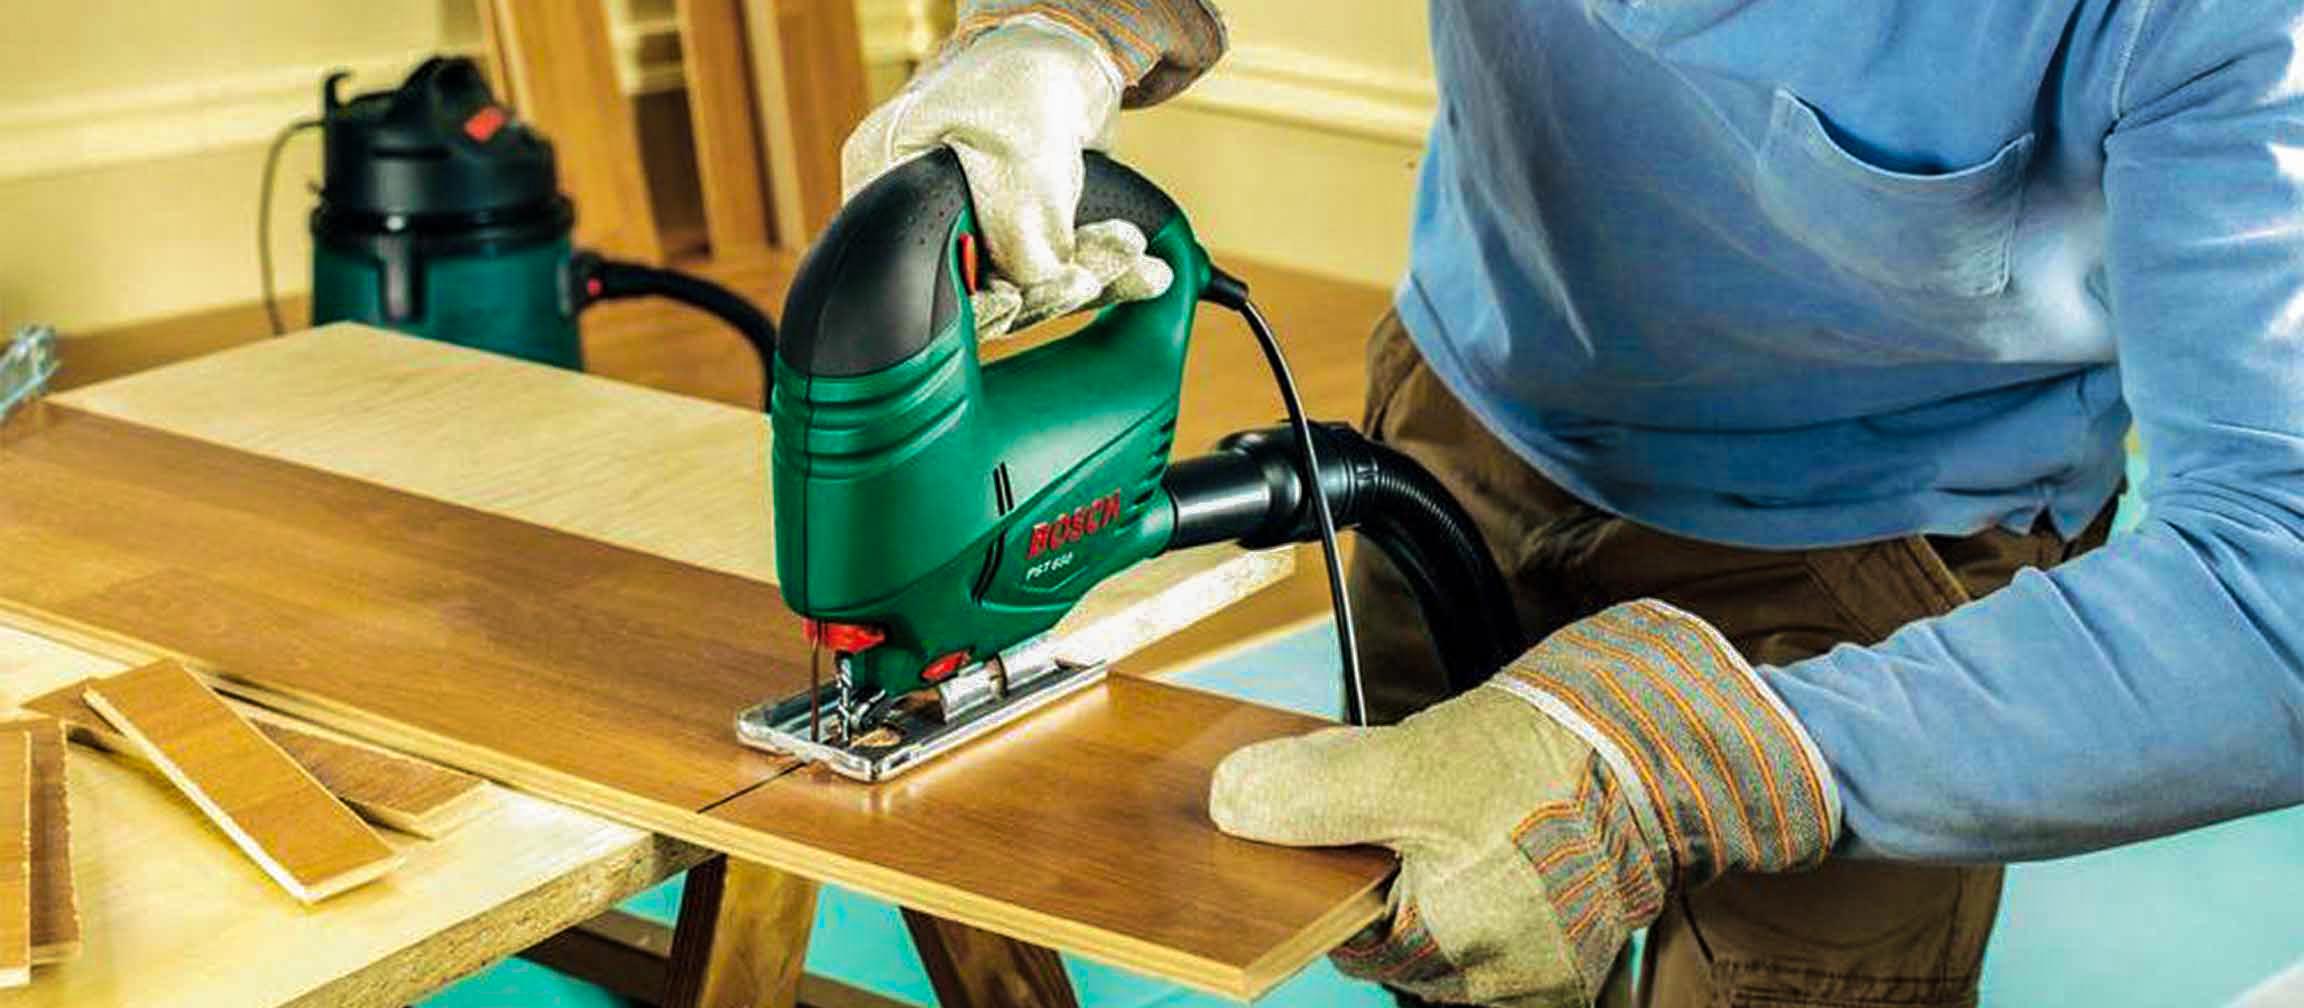 DIY Power Tools - Bosch Jigsaw